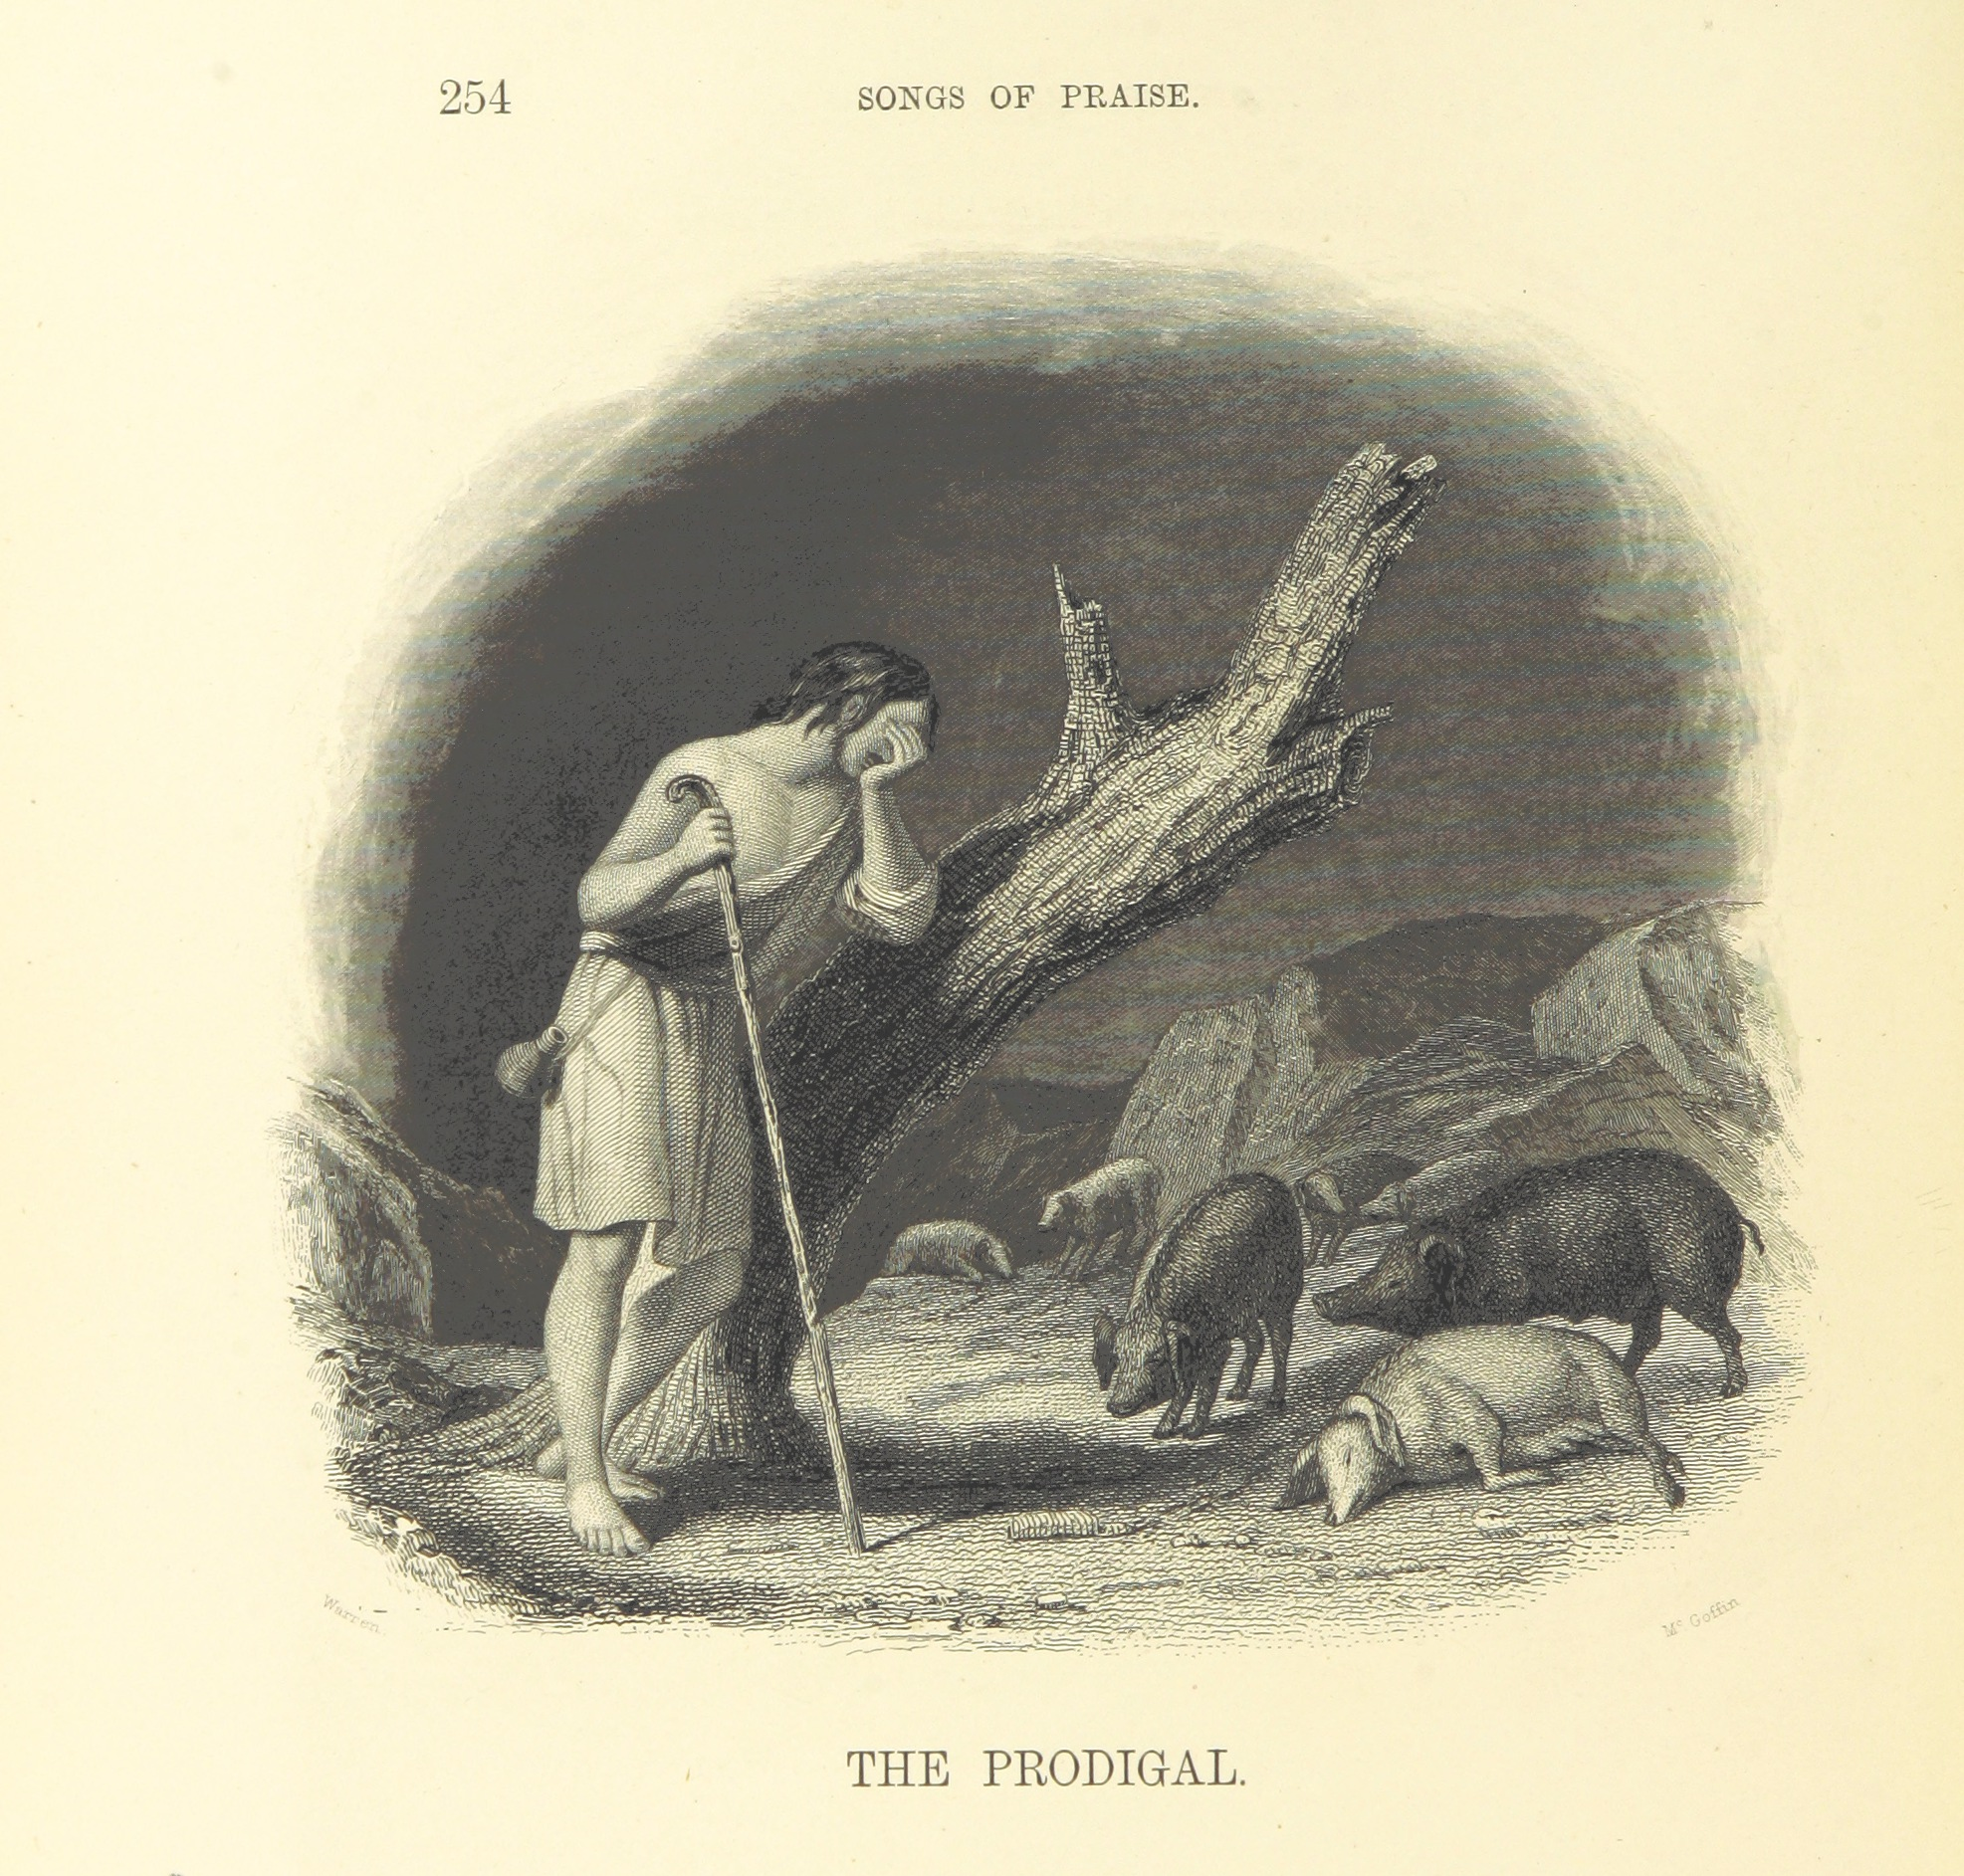 Grabado con la imagen del hijo pródigo, incluido en la página 260 del libro Canciones de Alabanza y Poemas de Devoción en los Siglos Cristianos.